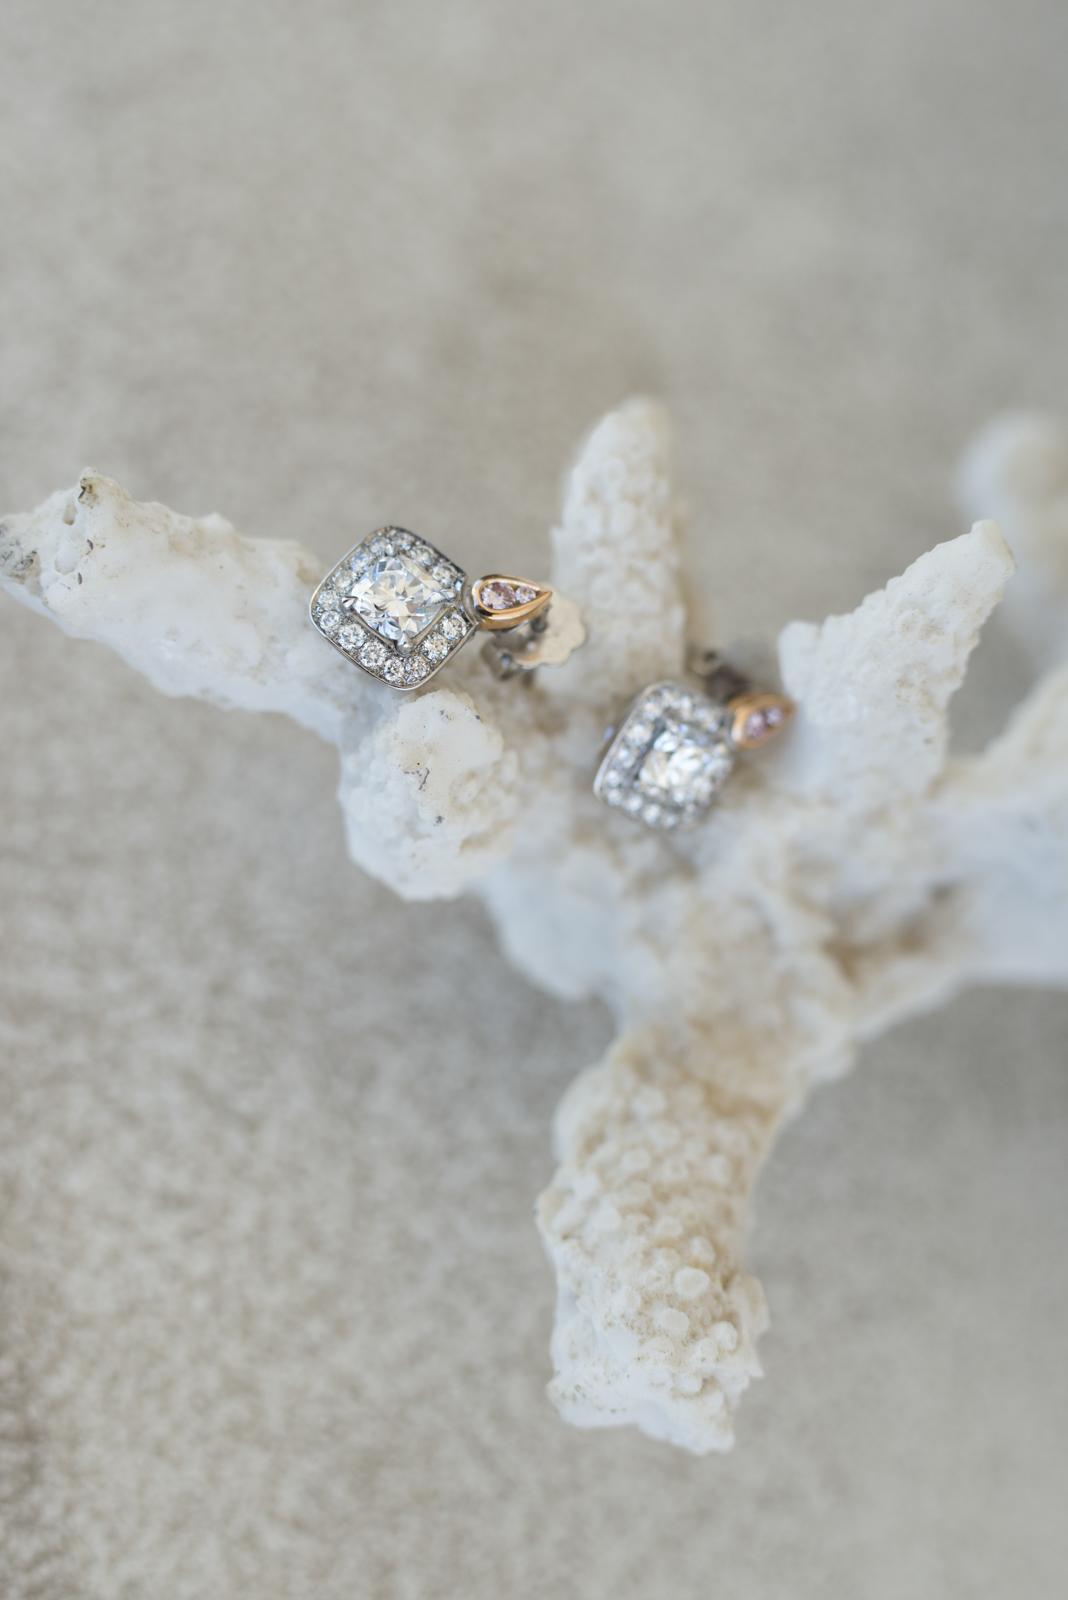 Very special earrings